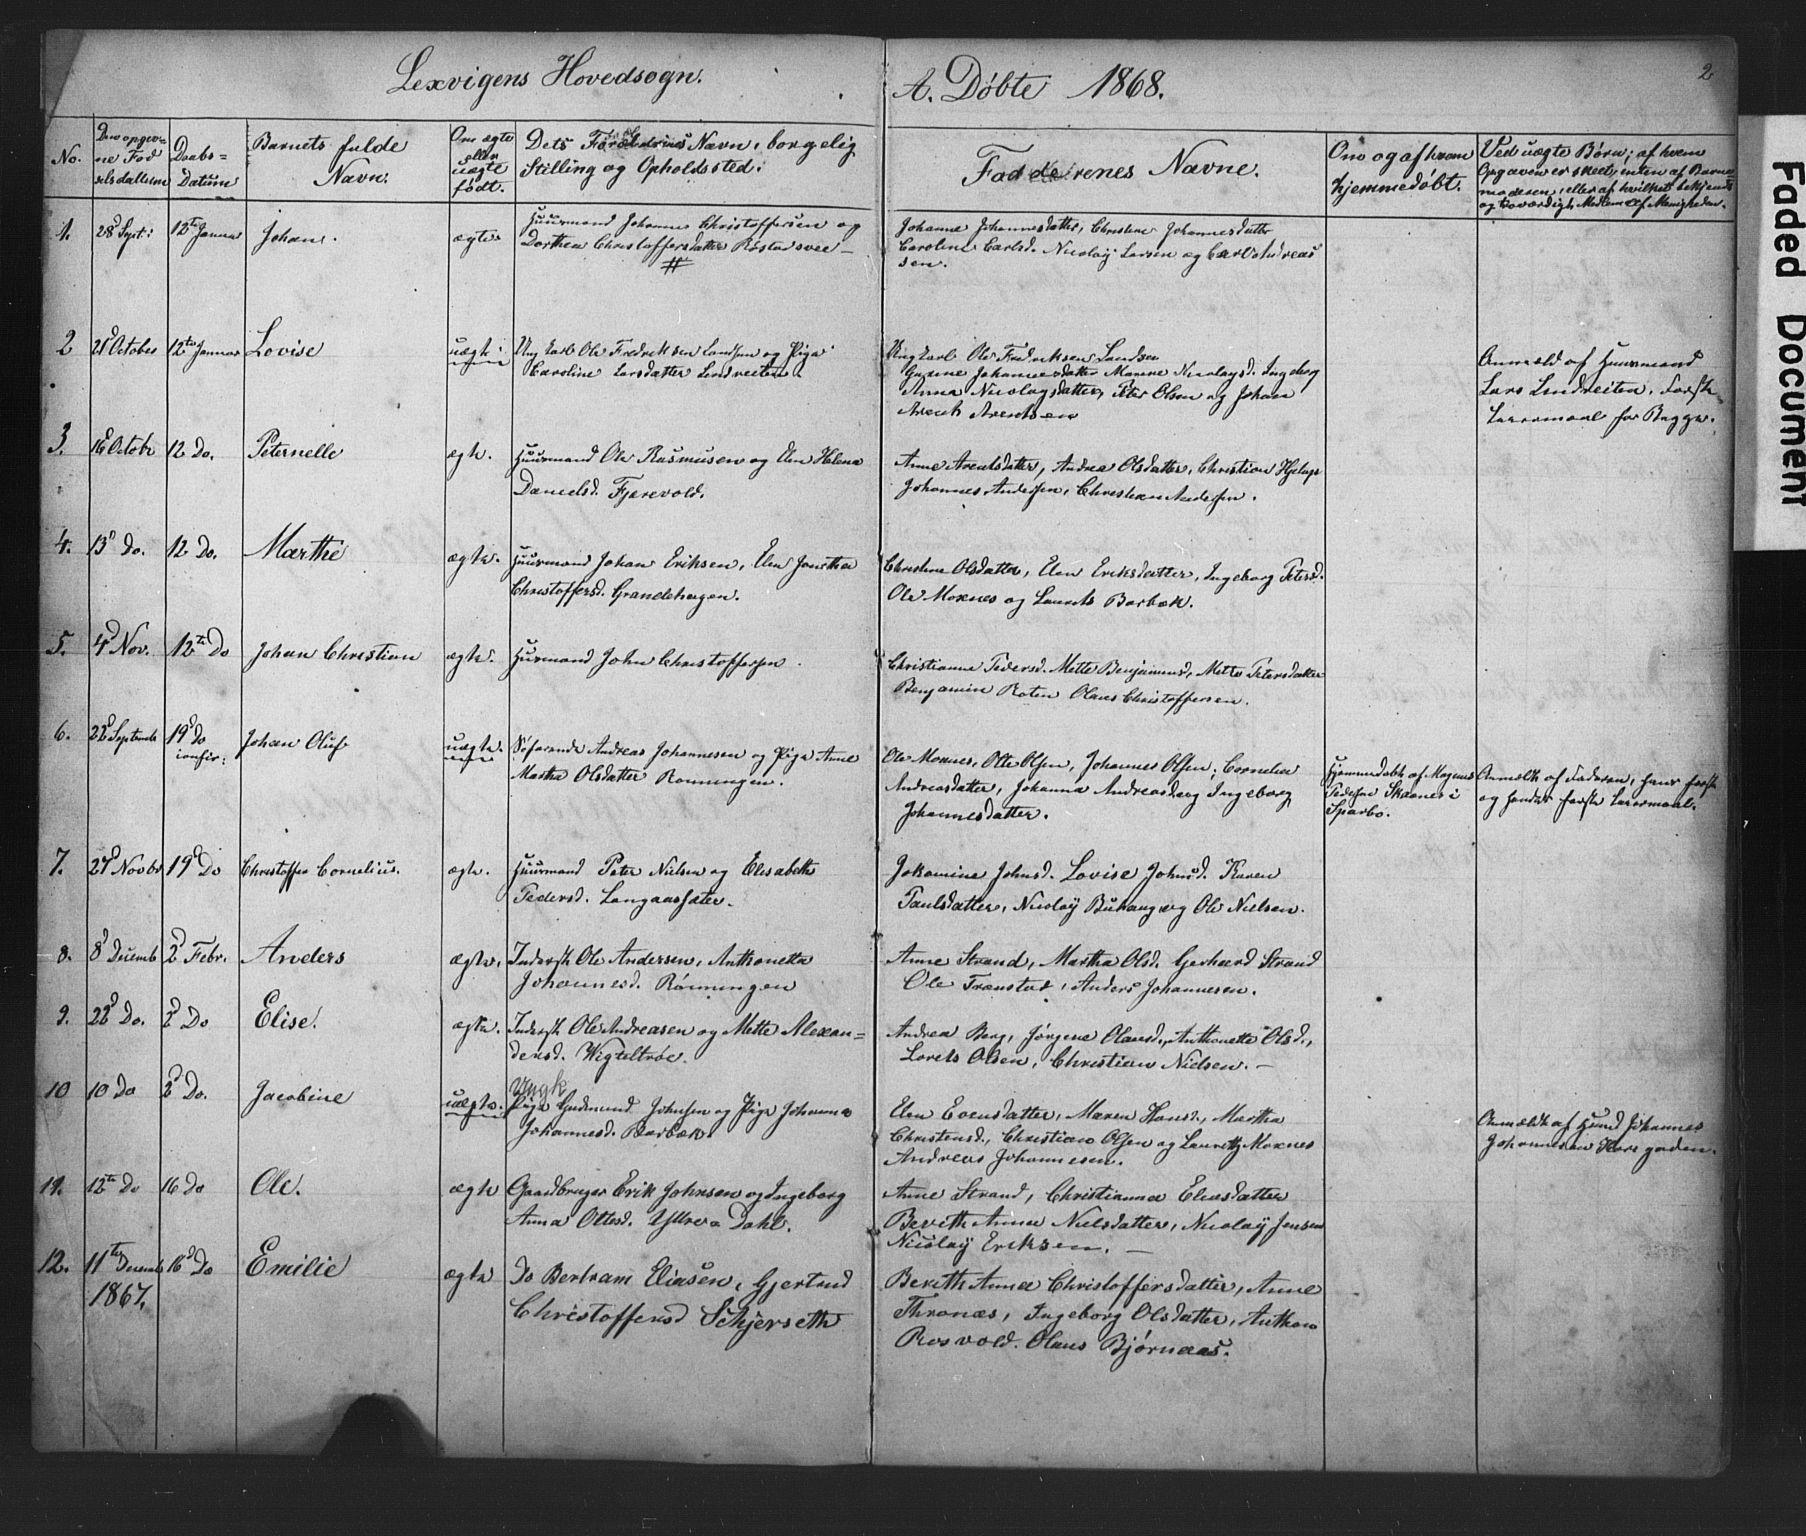 SAT, Ministerialprotokoller, klokkerbøker og fødselsregistre - Nord-Trøndelag, 701/L0018: Klokkerbok nr. 701C02, 1868-1872, s. 2